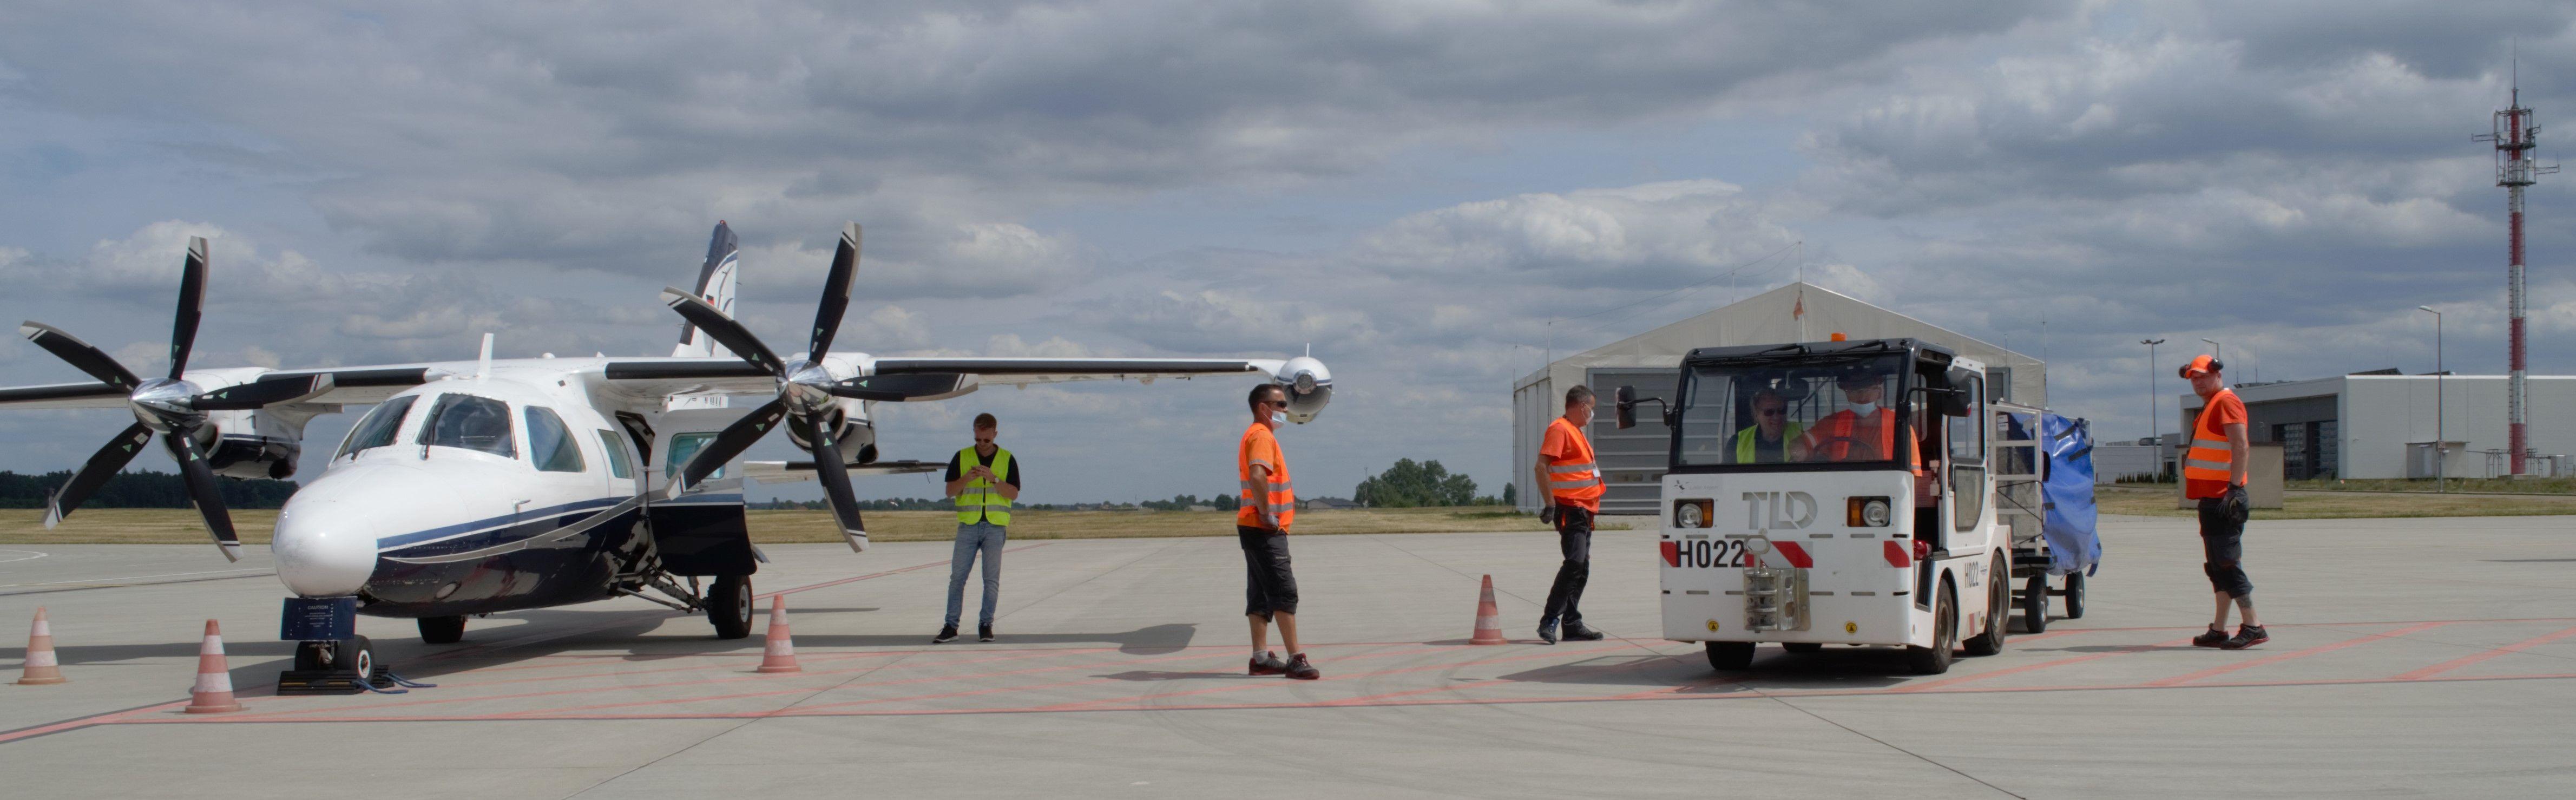 Lublin: Lotnisko zrealizowało kolejne zlecenie cargo. W ekspresowym tempie - Zdjęcie główne